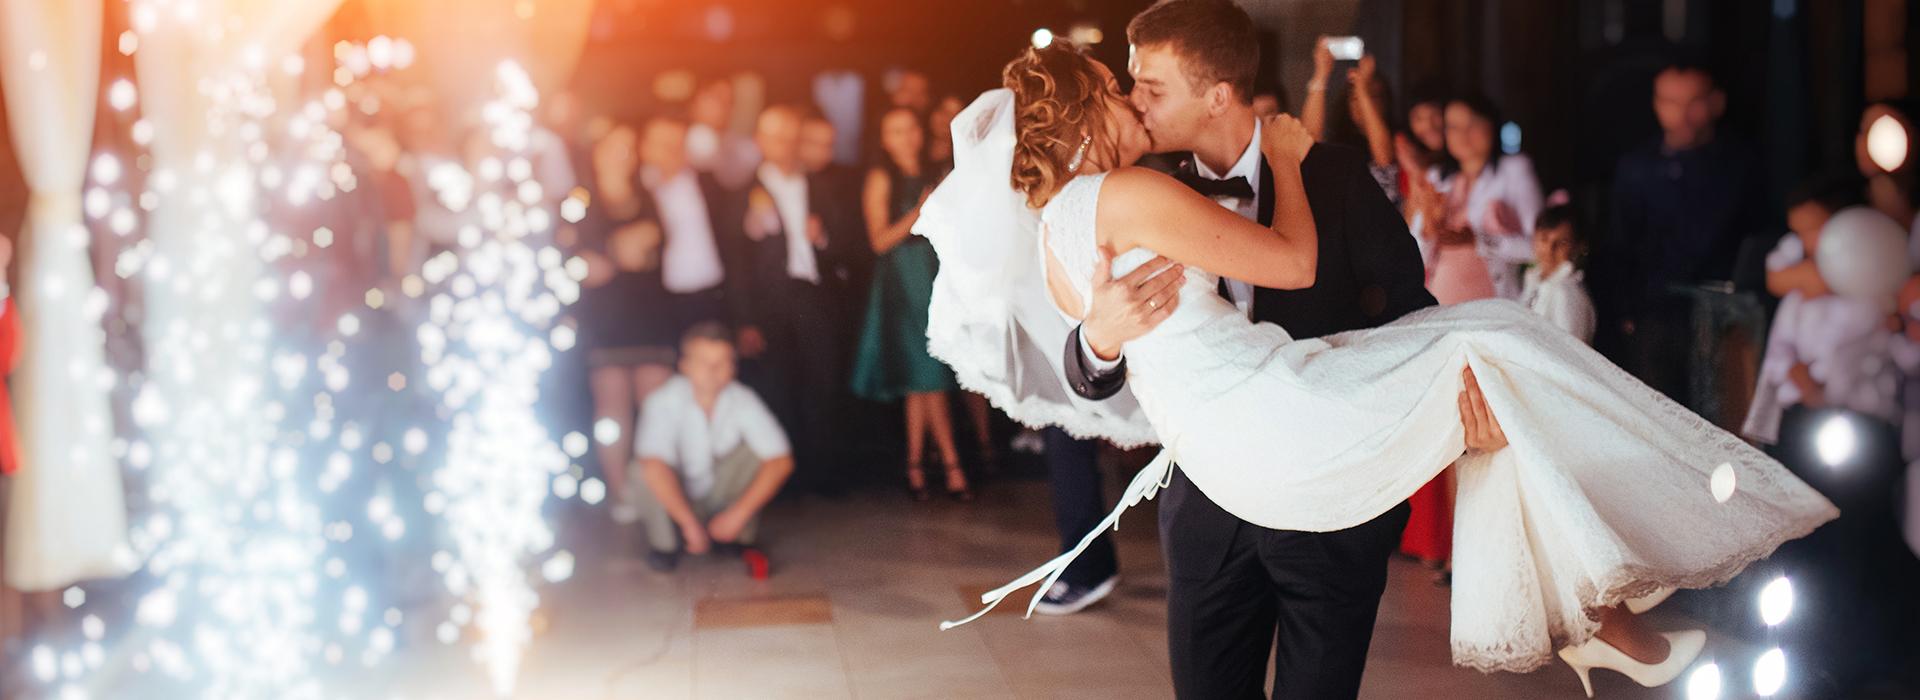 Kategorie_Hochzeit_01